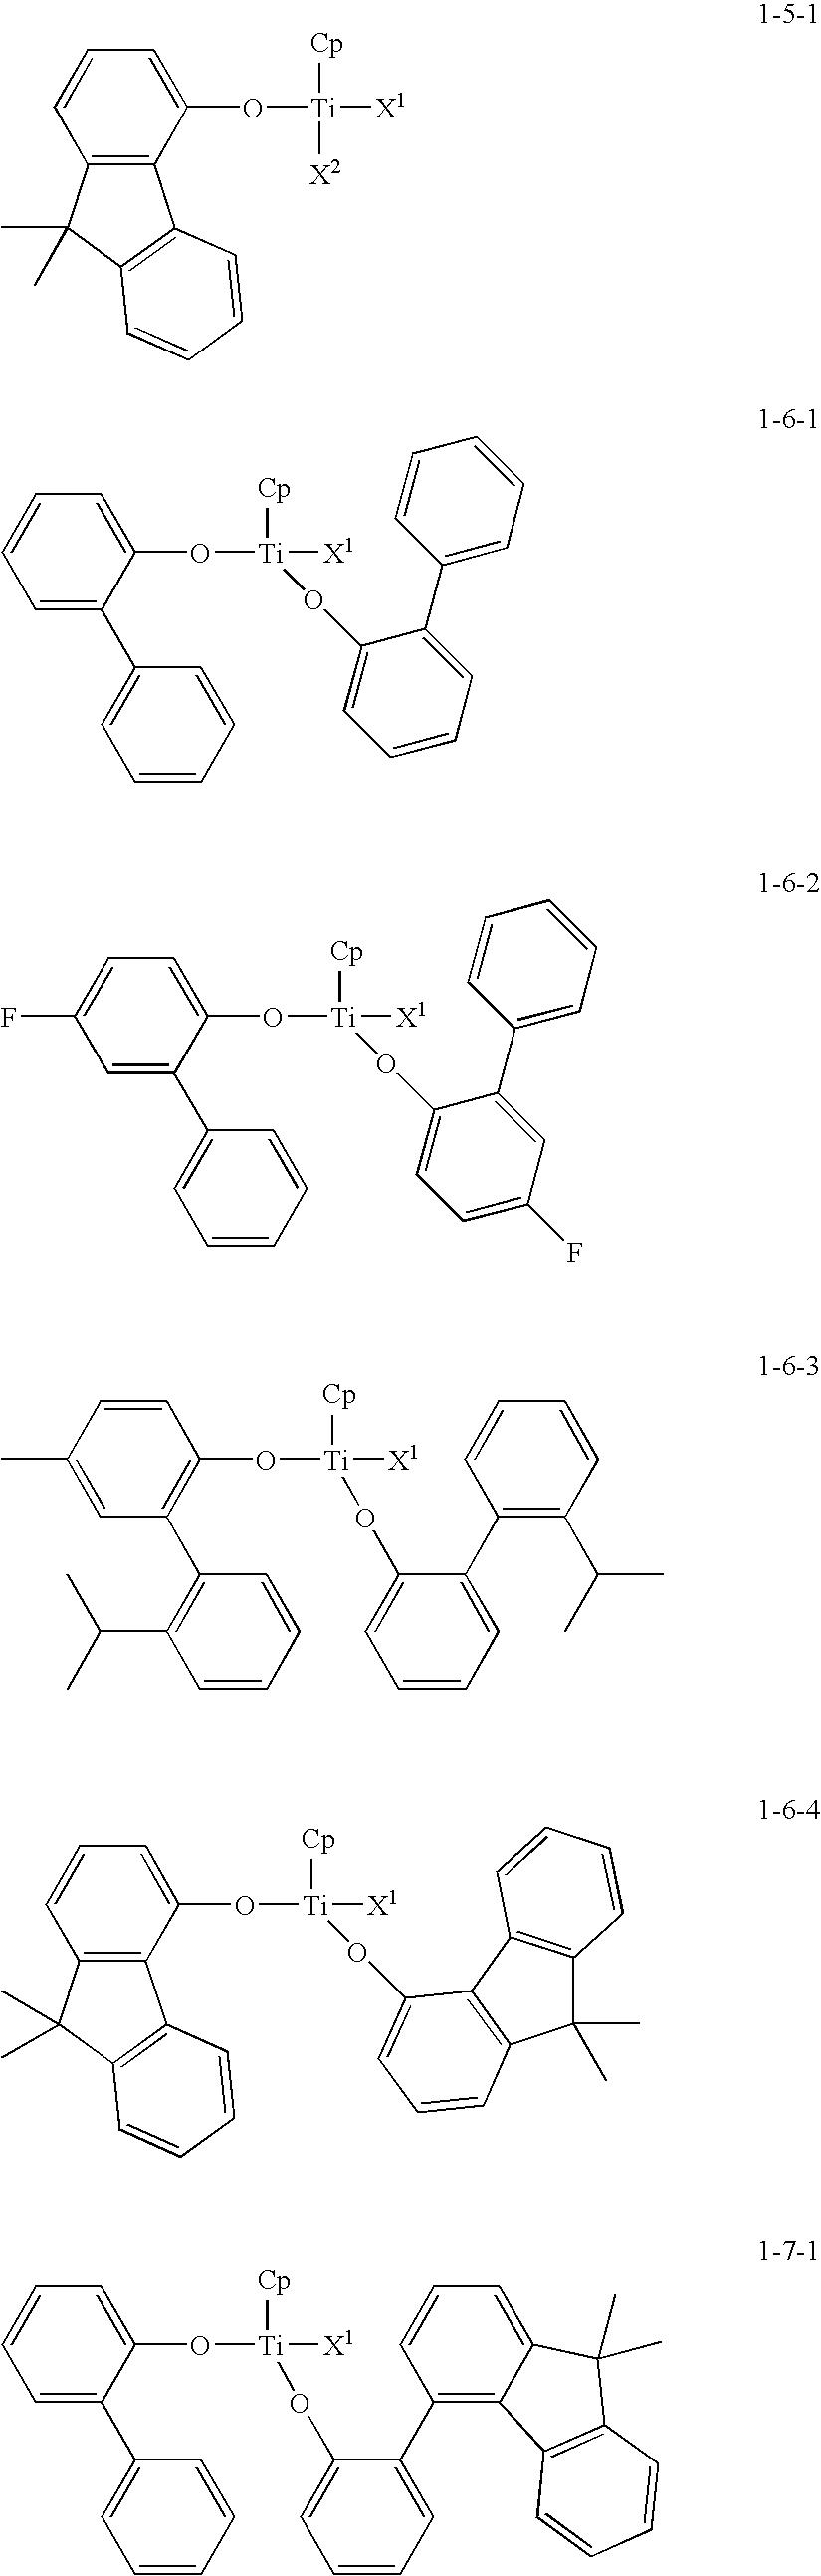 Figure US20100120981A1-20100513-C00020